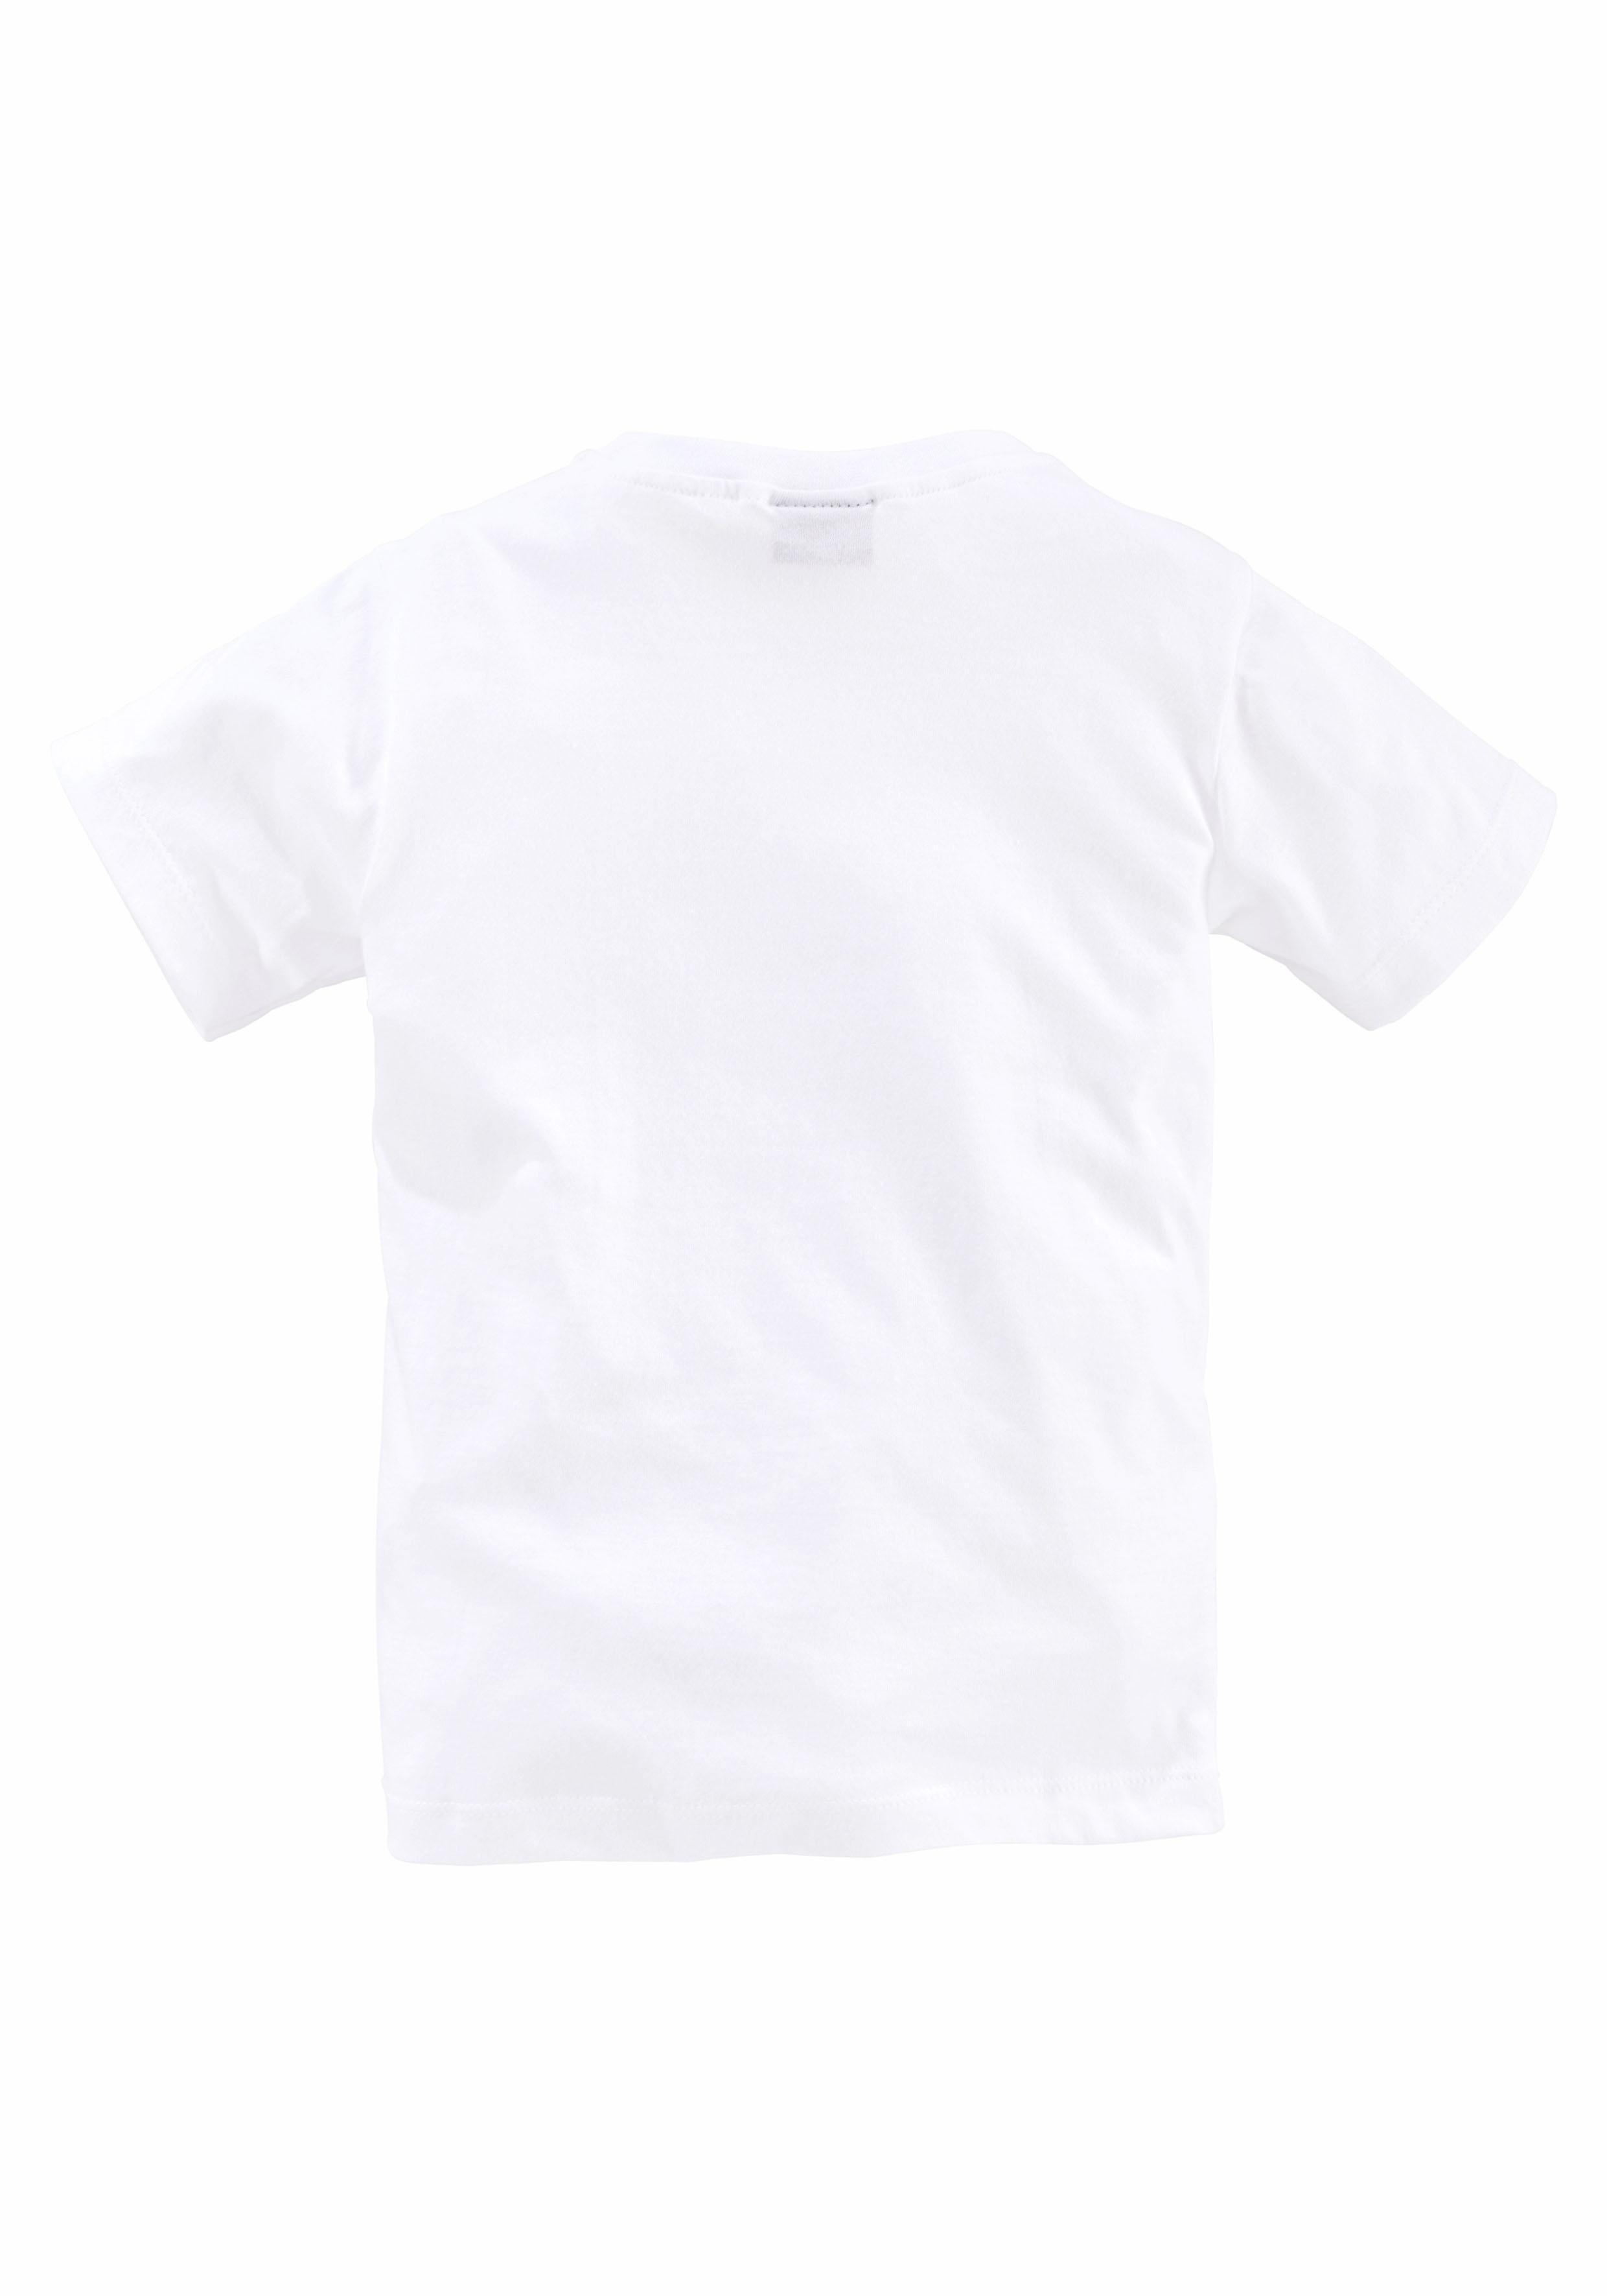 KIDSWORLD T-shirt makkelijk gekocht   OTTO c1a5dbd307